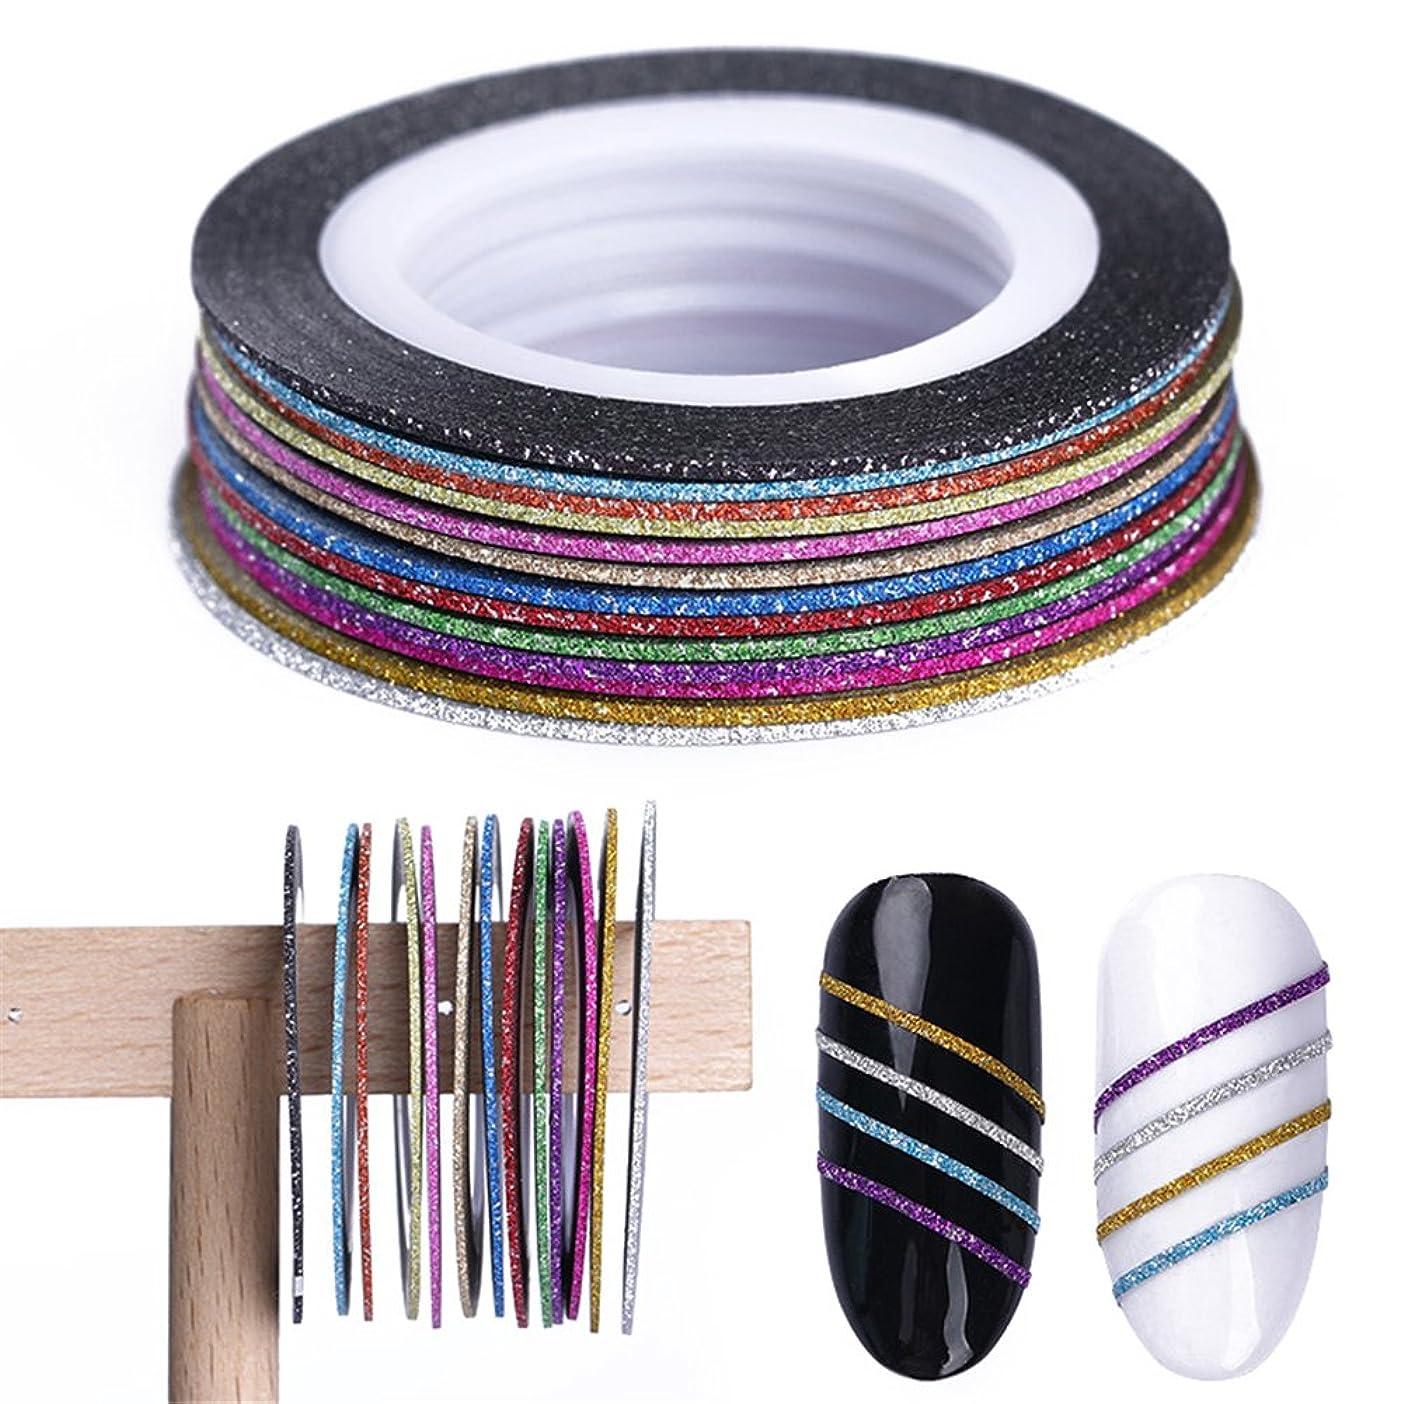 浸す多用途ウッズBORN PRETTY カラフルネイルテープ グリッターラインテープ ネイルアート用 3Dデコレーション ネイルチップ1mm 13色セット [並行輸入品]